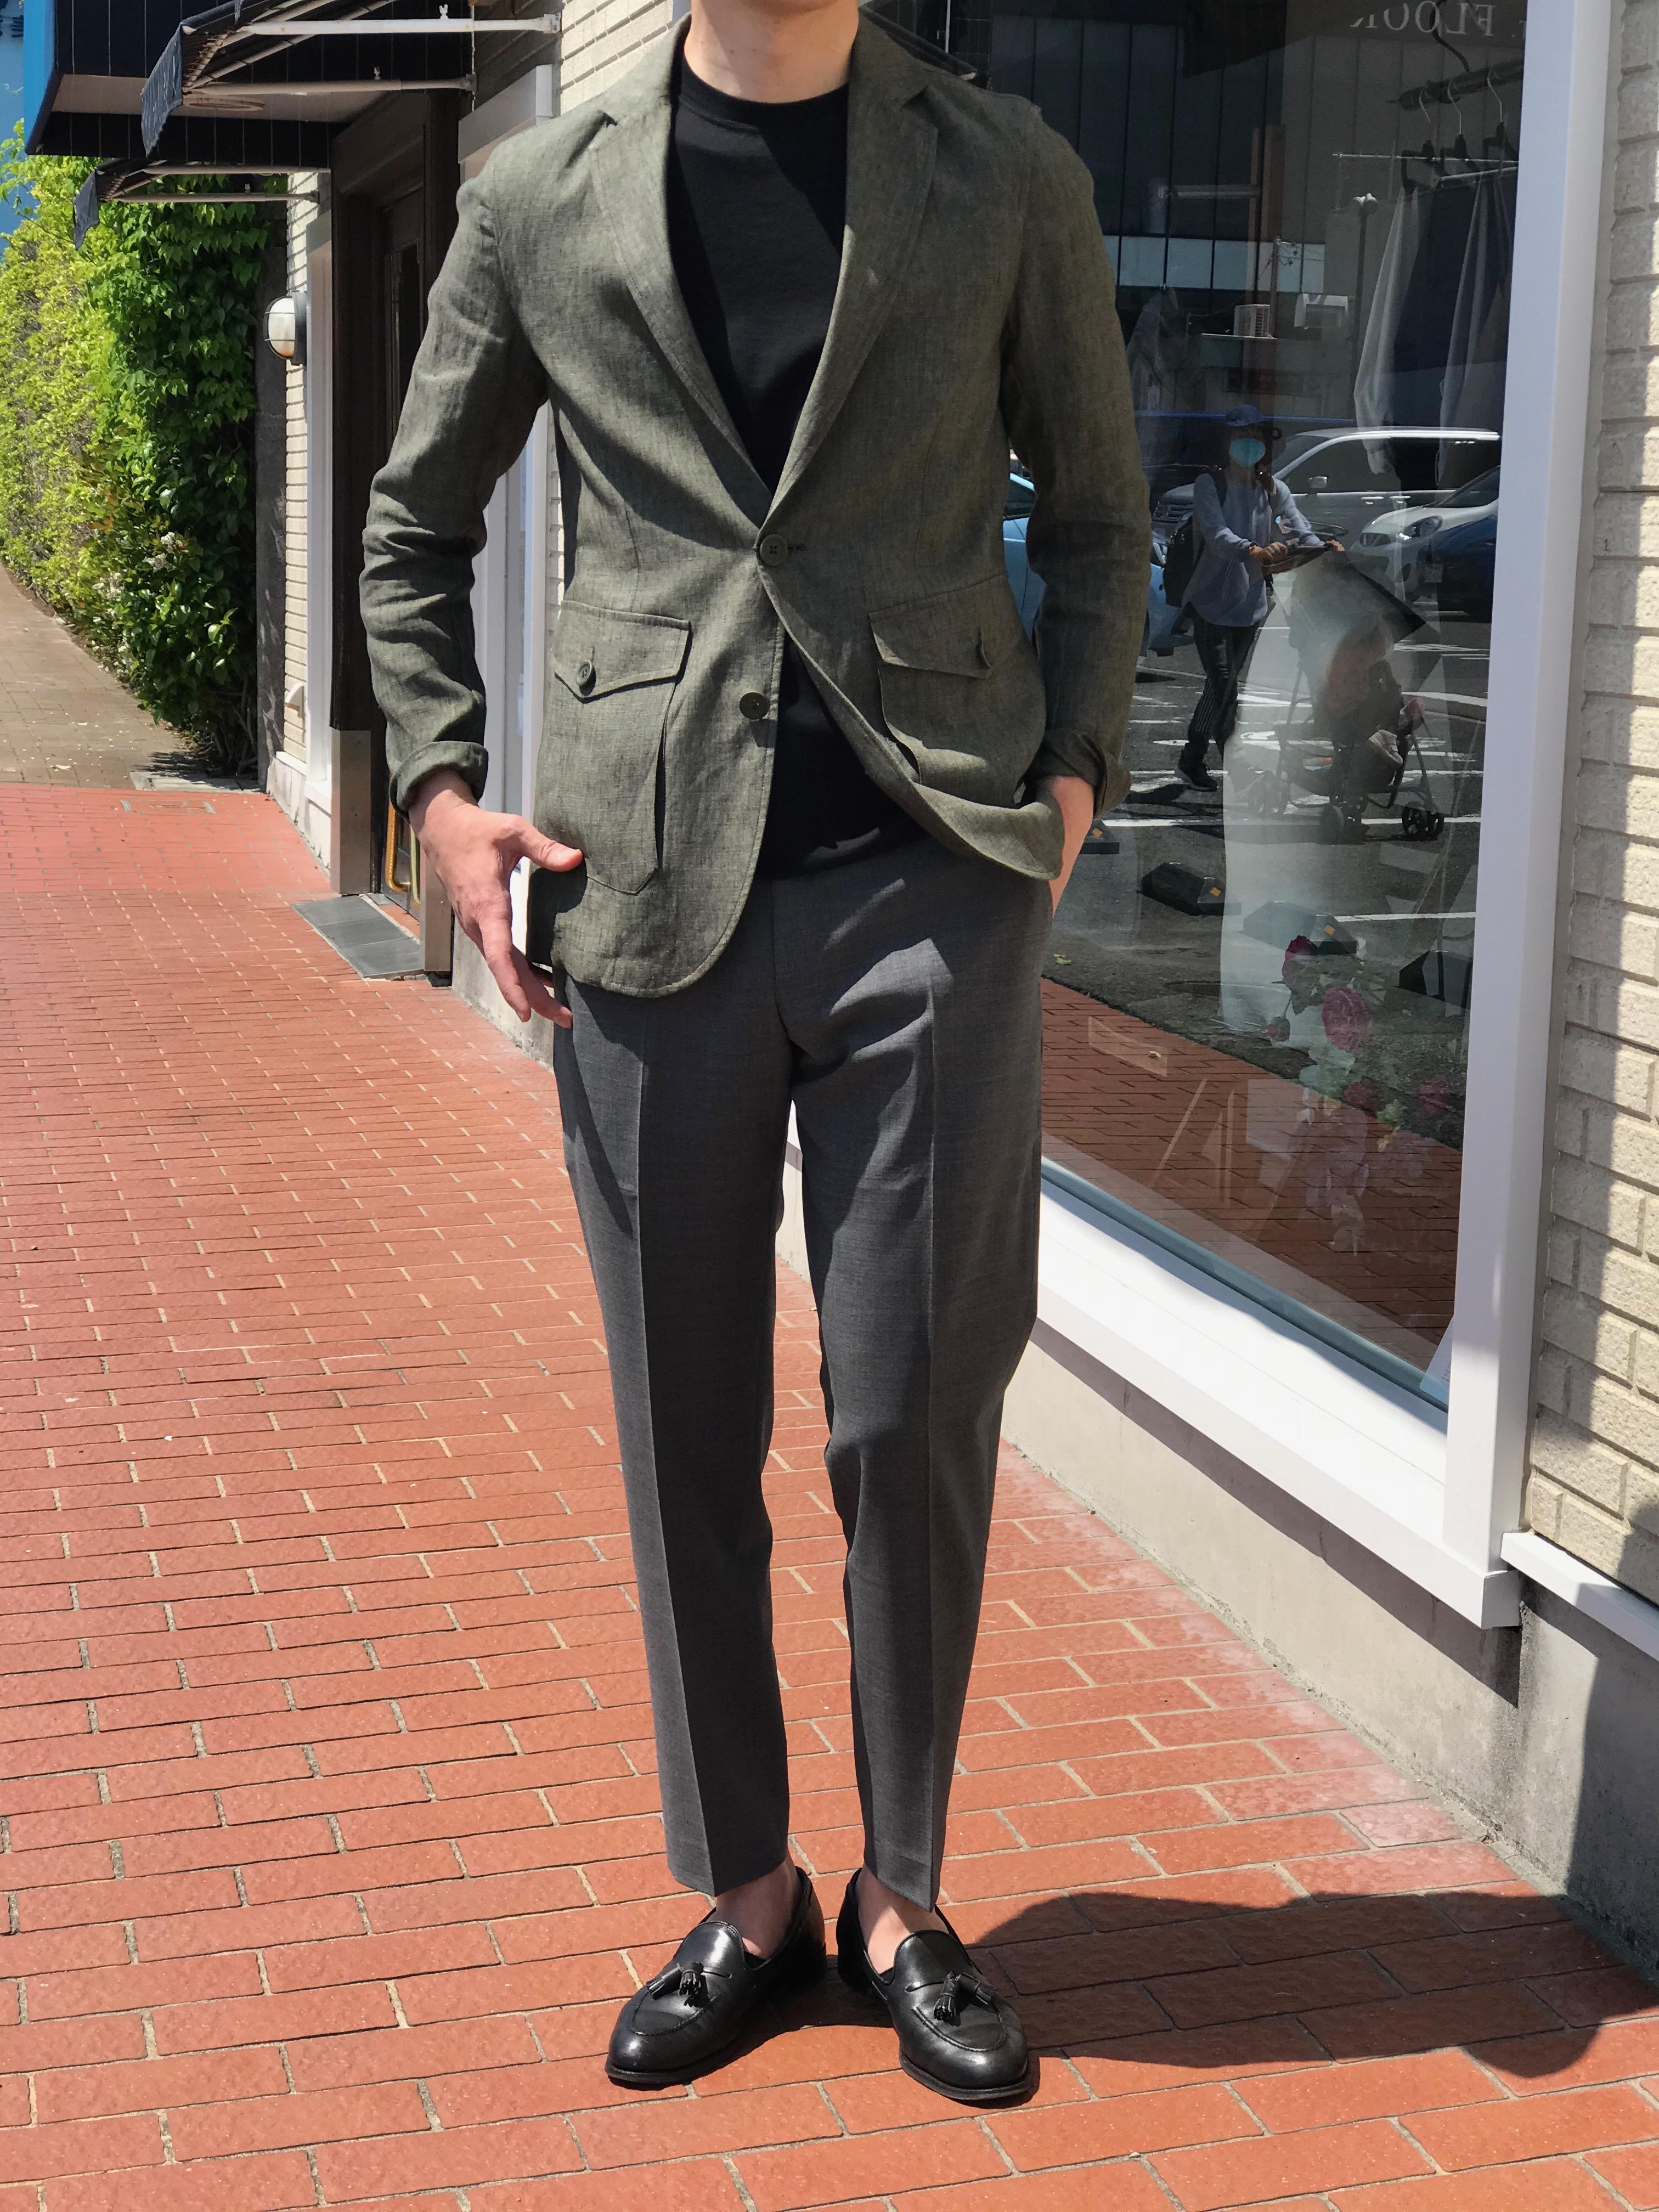 夏にさらりと着こなすシャツのようなブルゾン型ジャケット! HERNO/ヘルノのメランジ調リネンジャケット!!